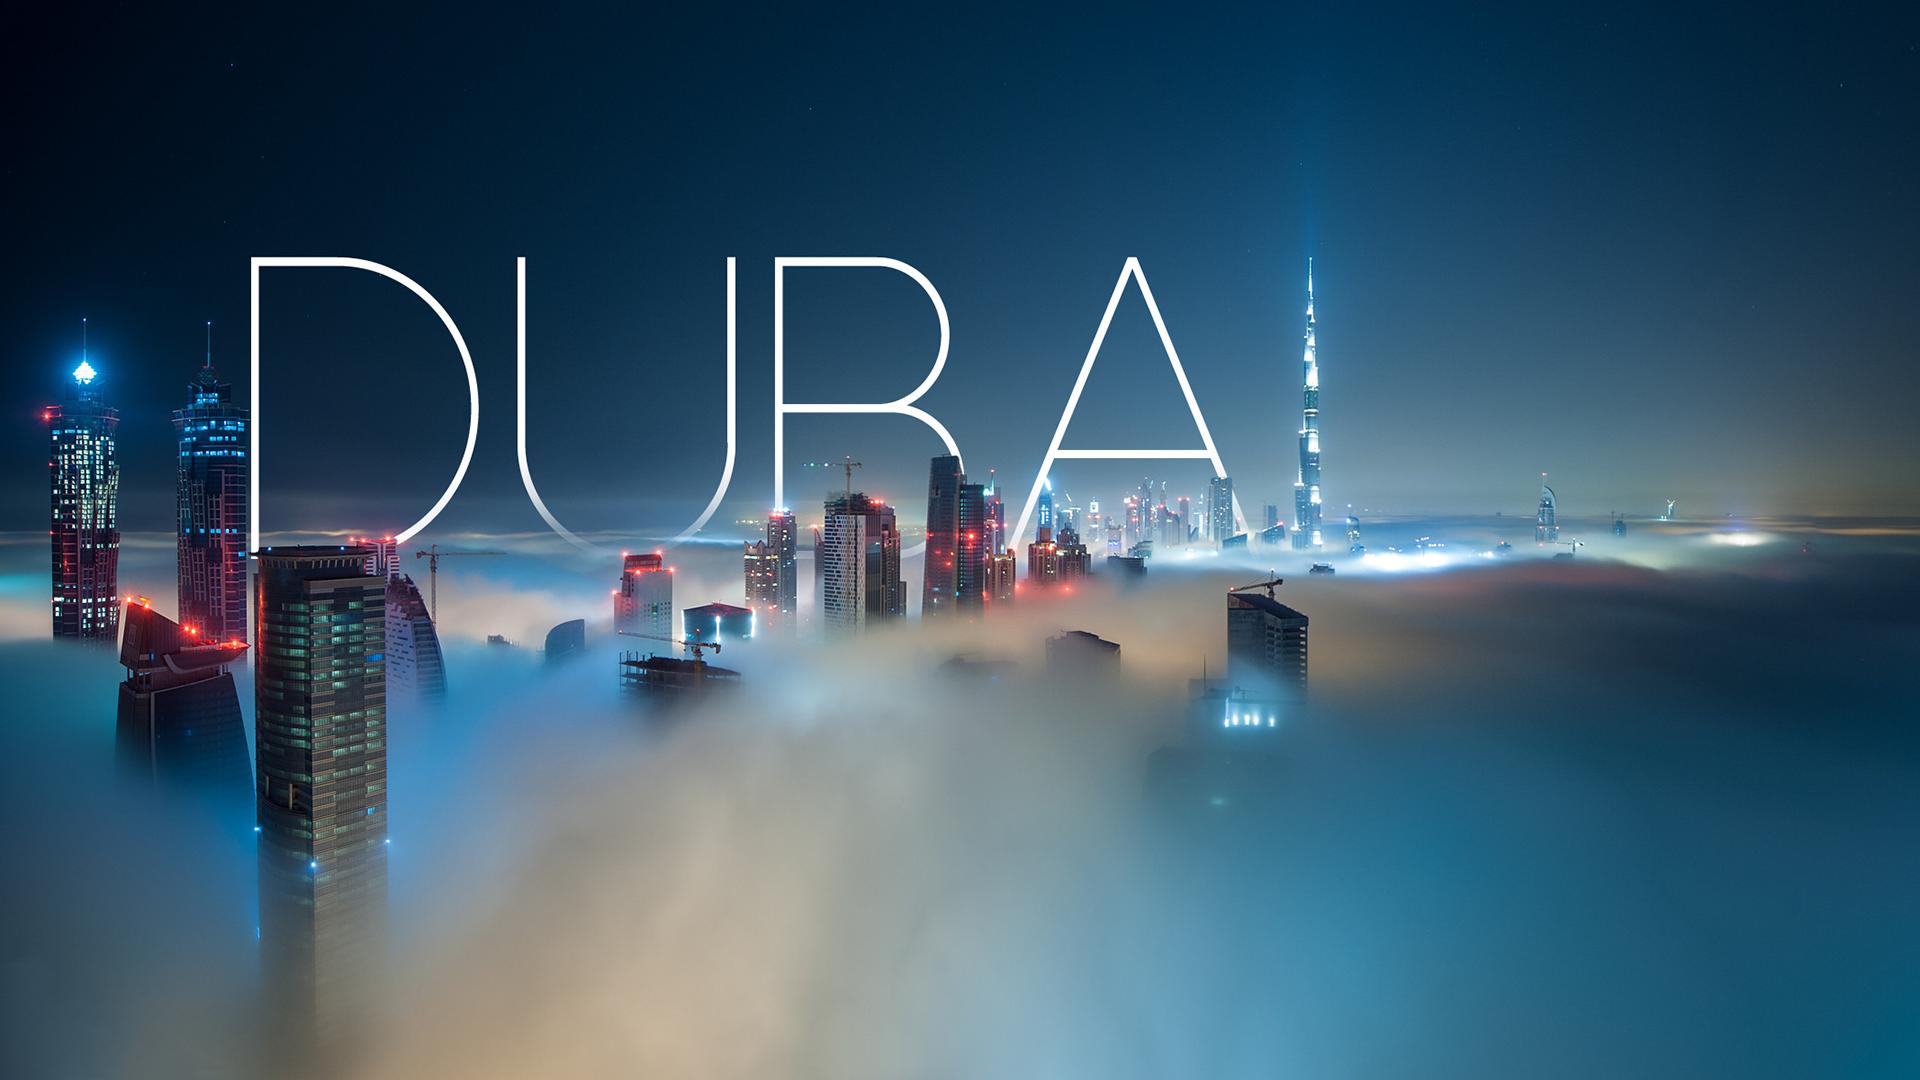 Dubai with name-ის სურათის შედეგი